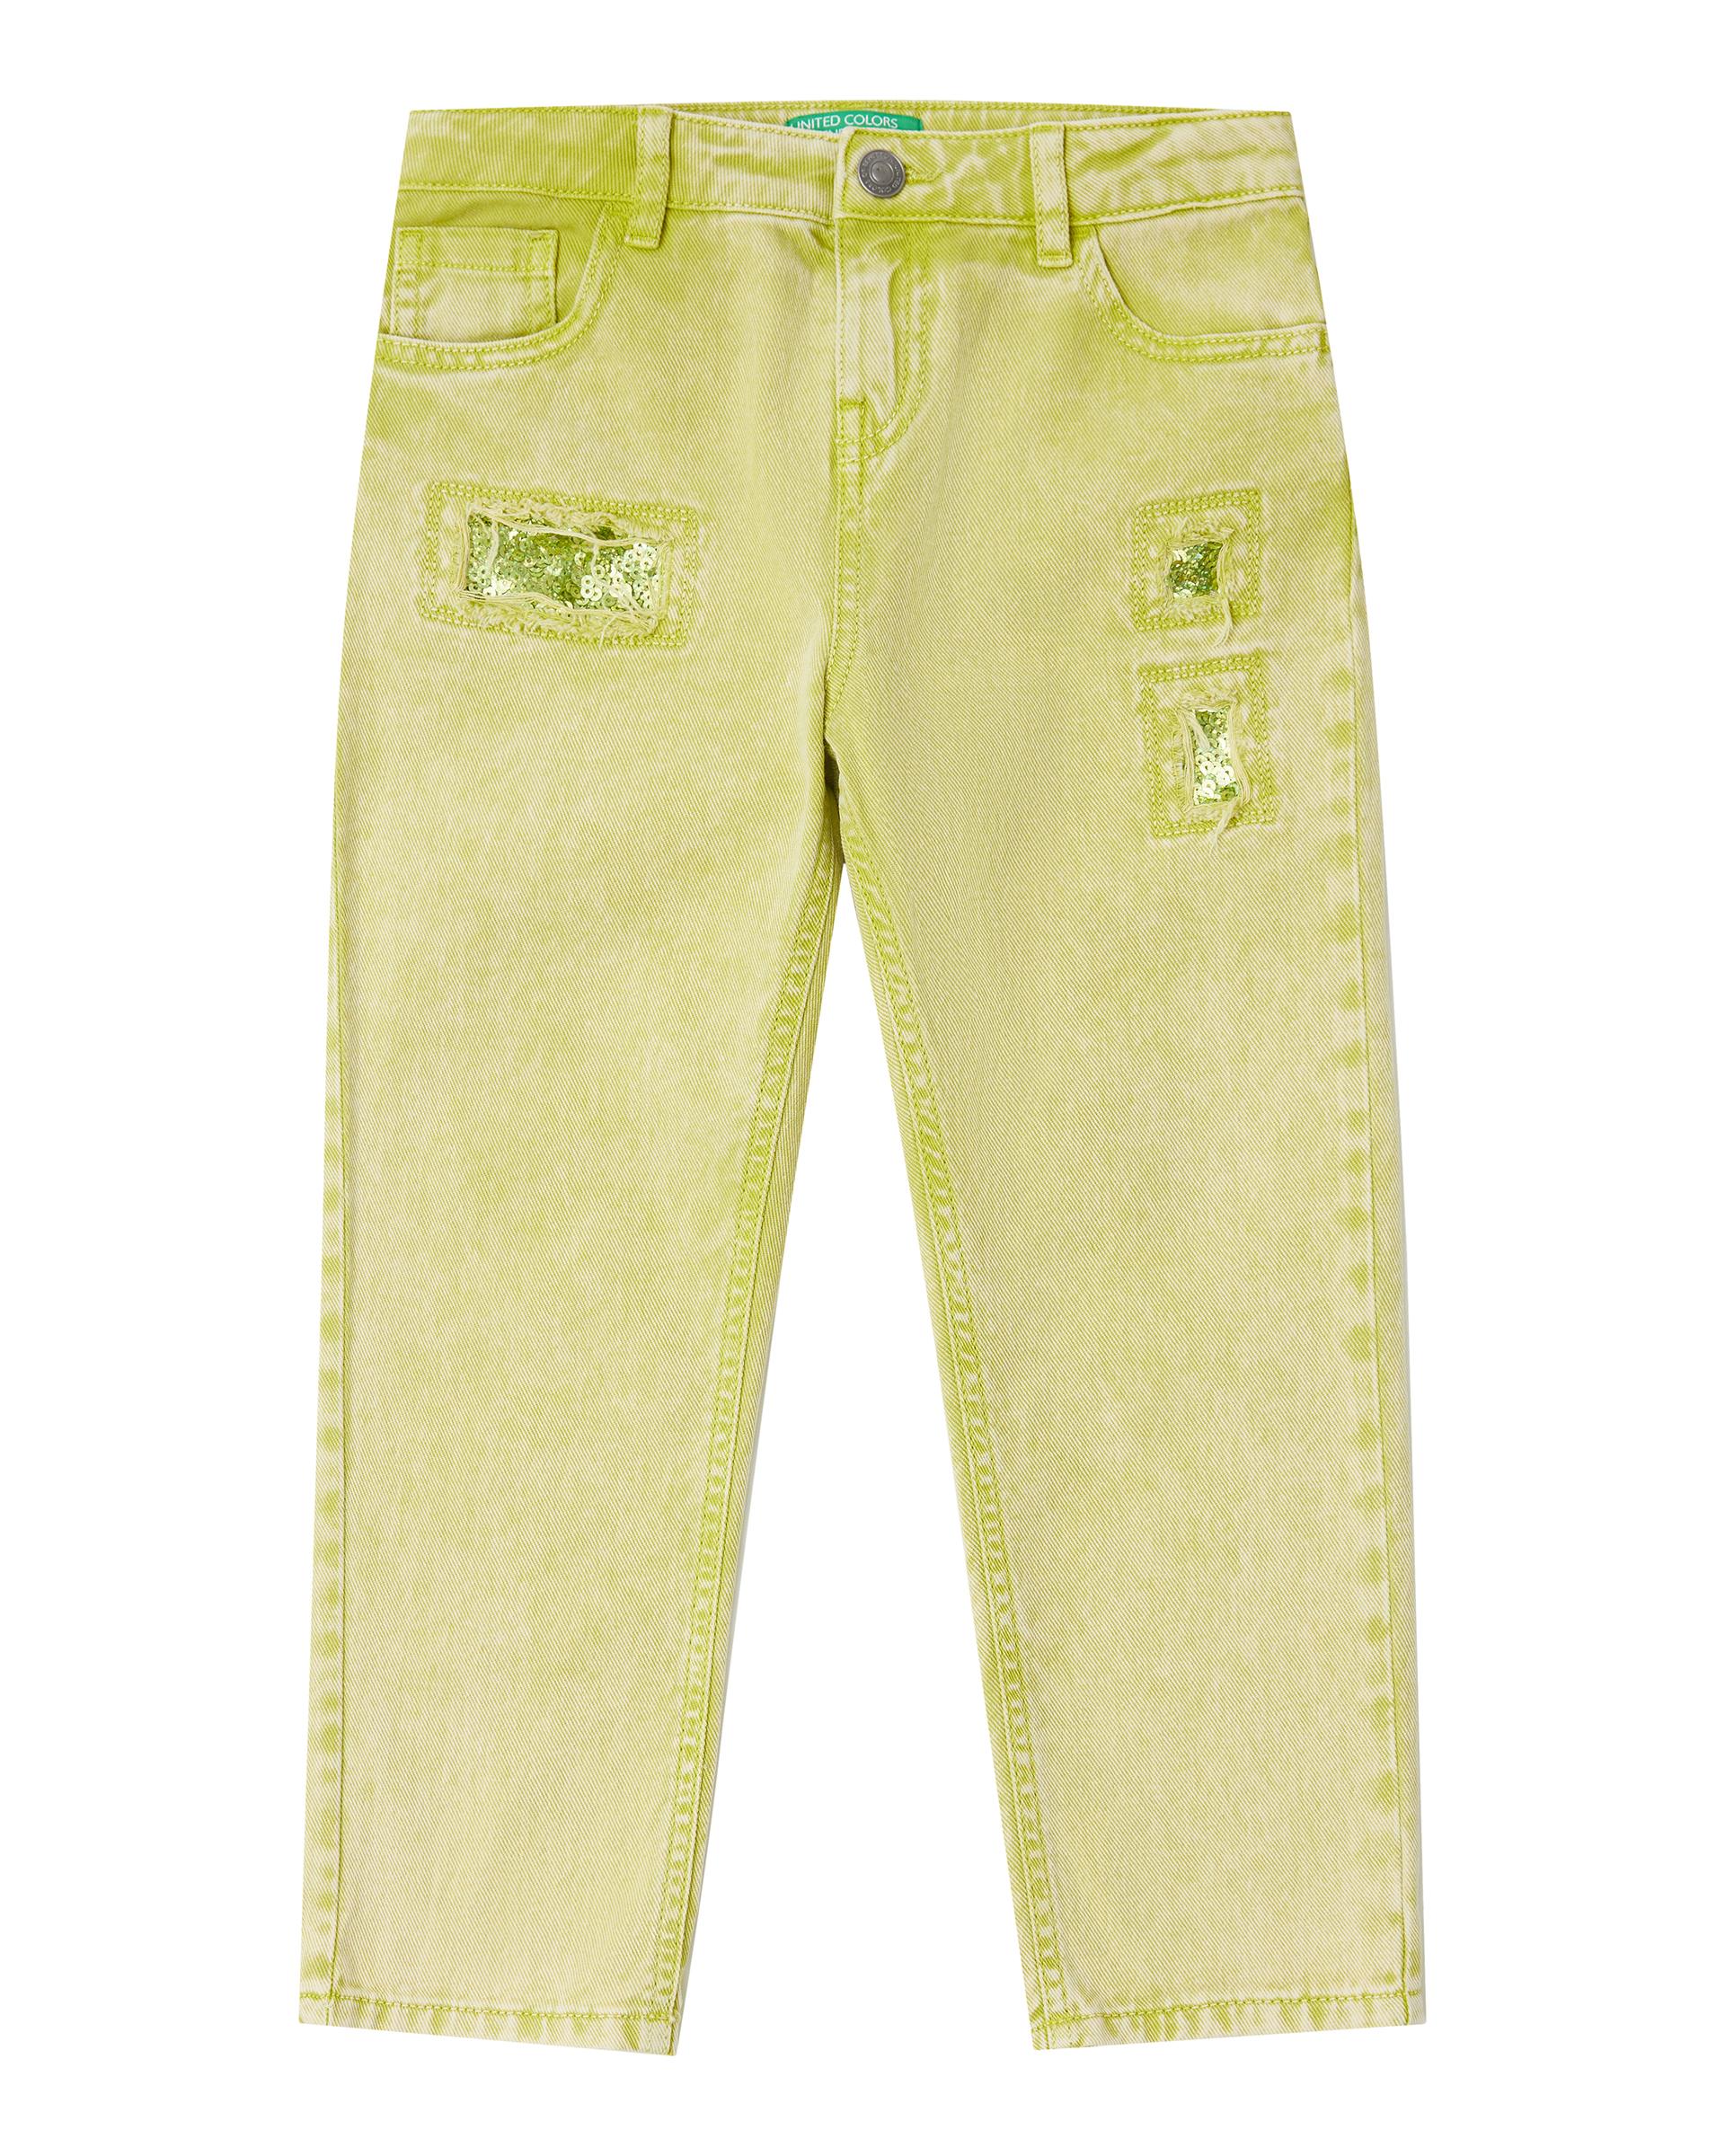 Купить 20P_4PL355B60_902, Брюки для девочек Benetton 4PL355B60_902 р-р 152, United Colors of Benetton, Джинсы для девочек